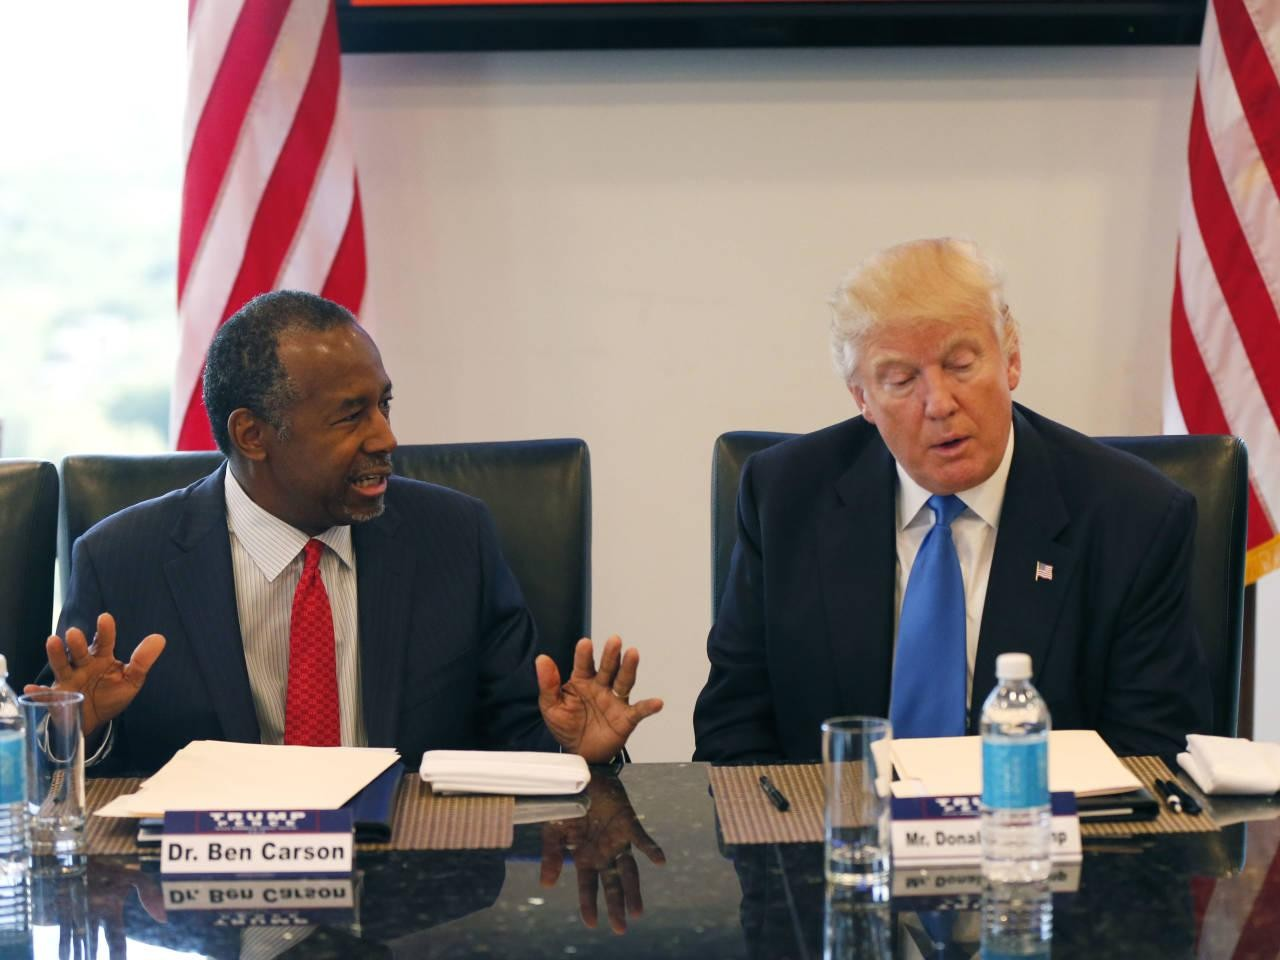 Американский министр сравнил иммигрантов срабами